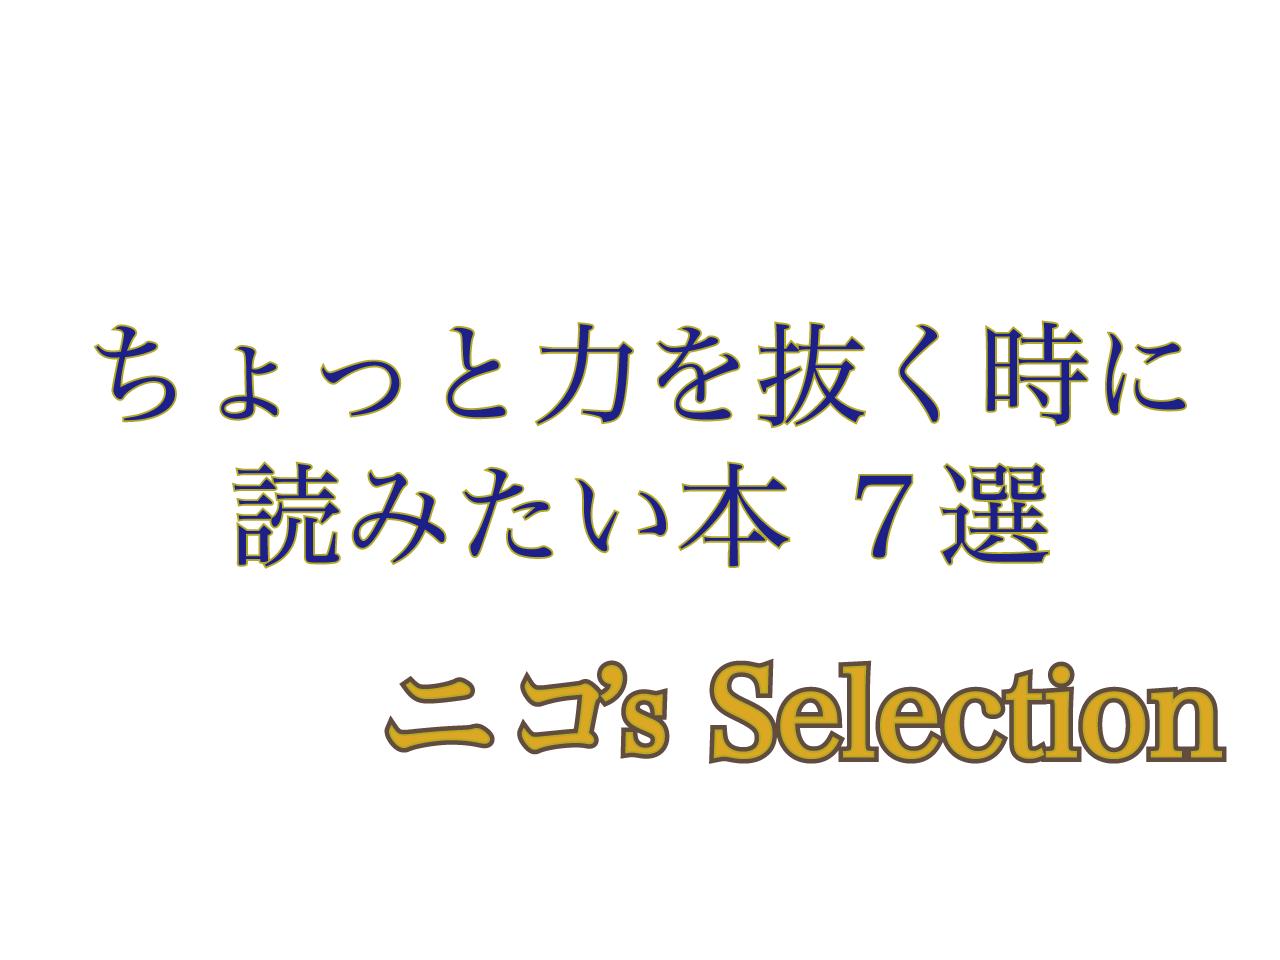 力を抜いてリラックスしたい時に読みたい本7戦〜ニコ'sセレクション3〜